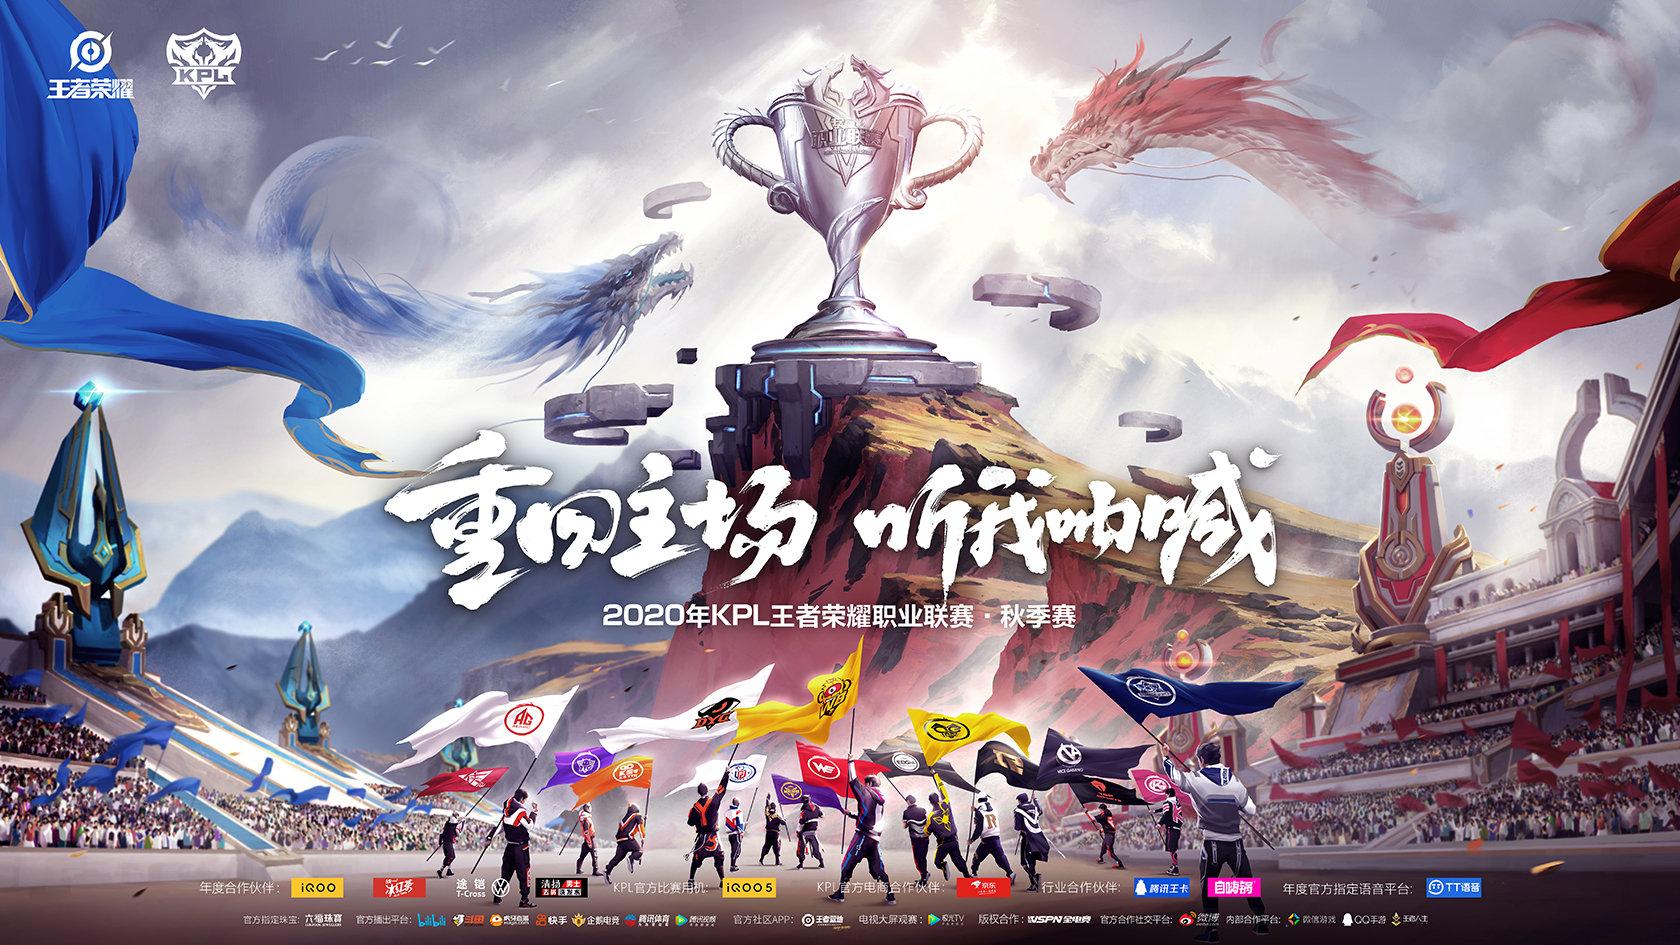 2020kpl秋季赛常规赛9月16日AG超玩会vsWB.TS第二场比赛视频回放